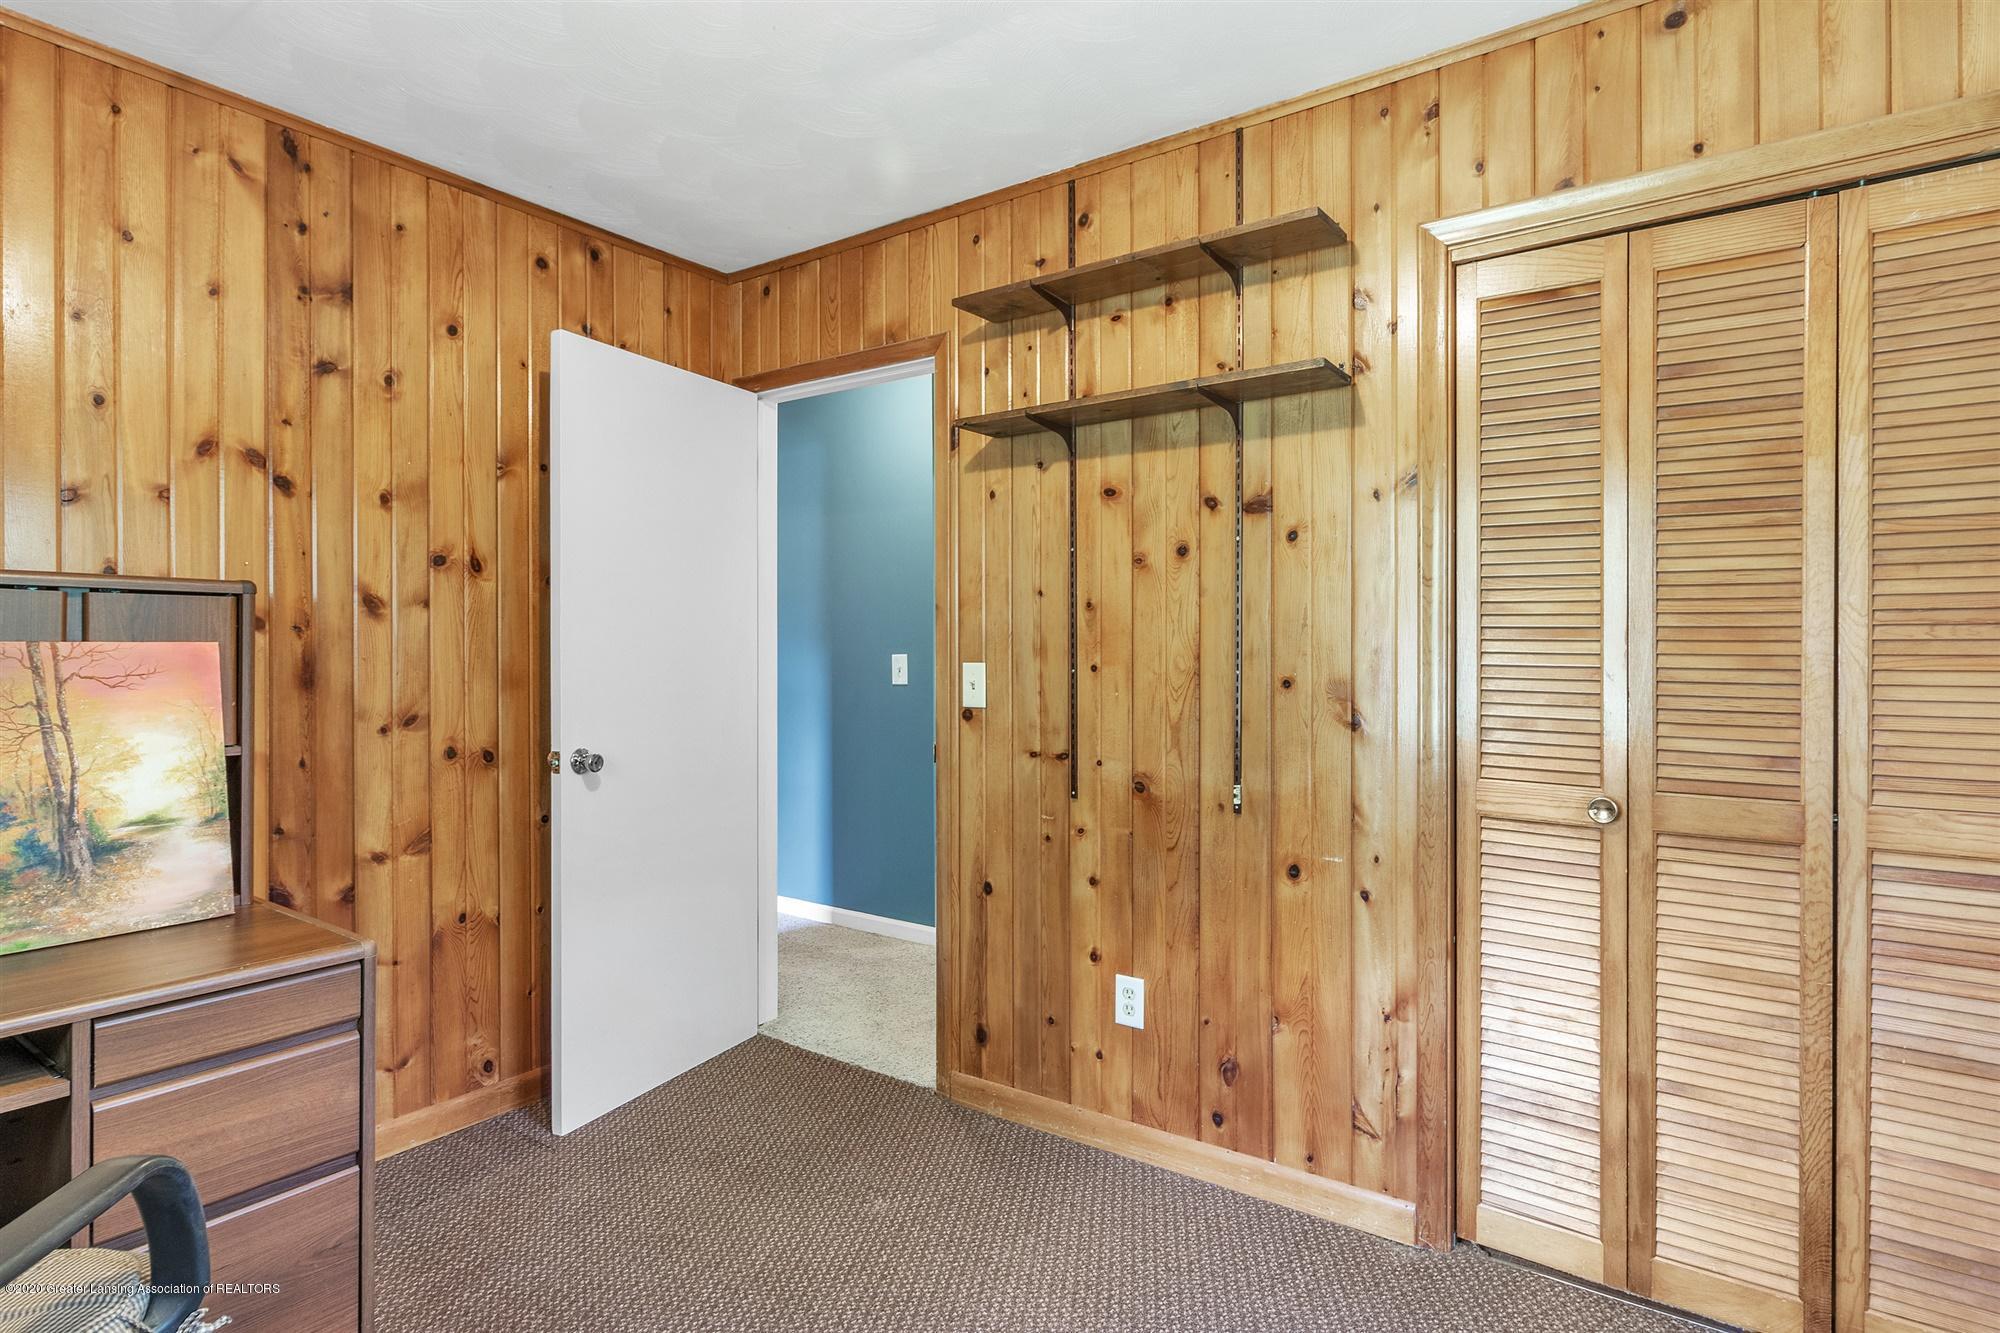 10494 Nixon Rd - 35-10494 Nixon Rd-windowstill-reale - 33